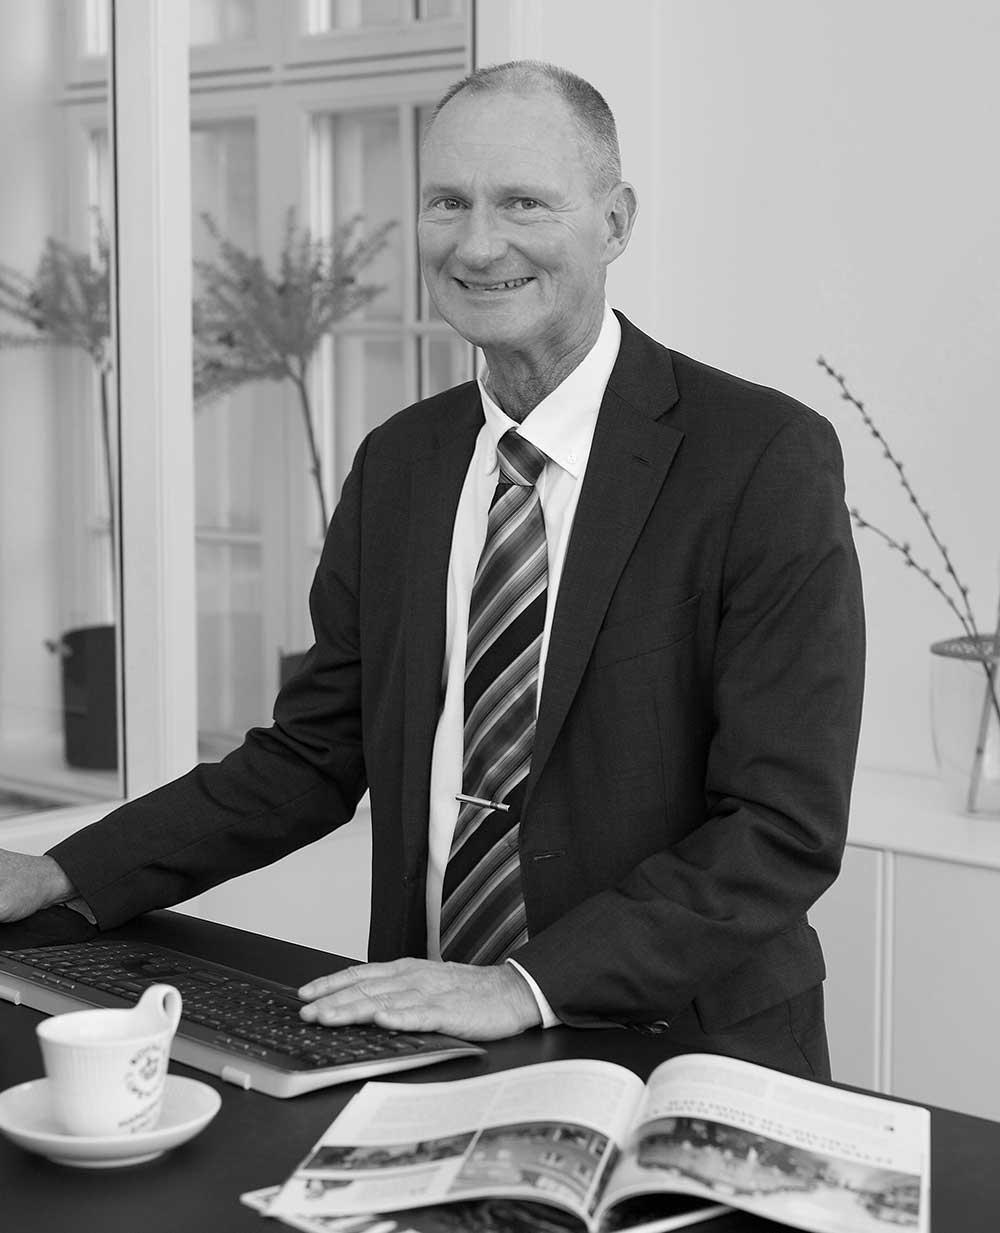 Carsten D. Sørensen